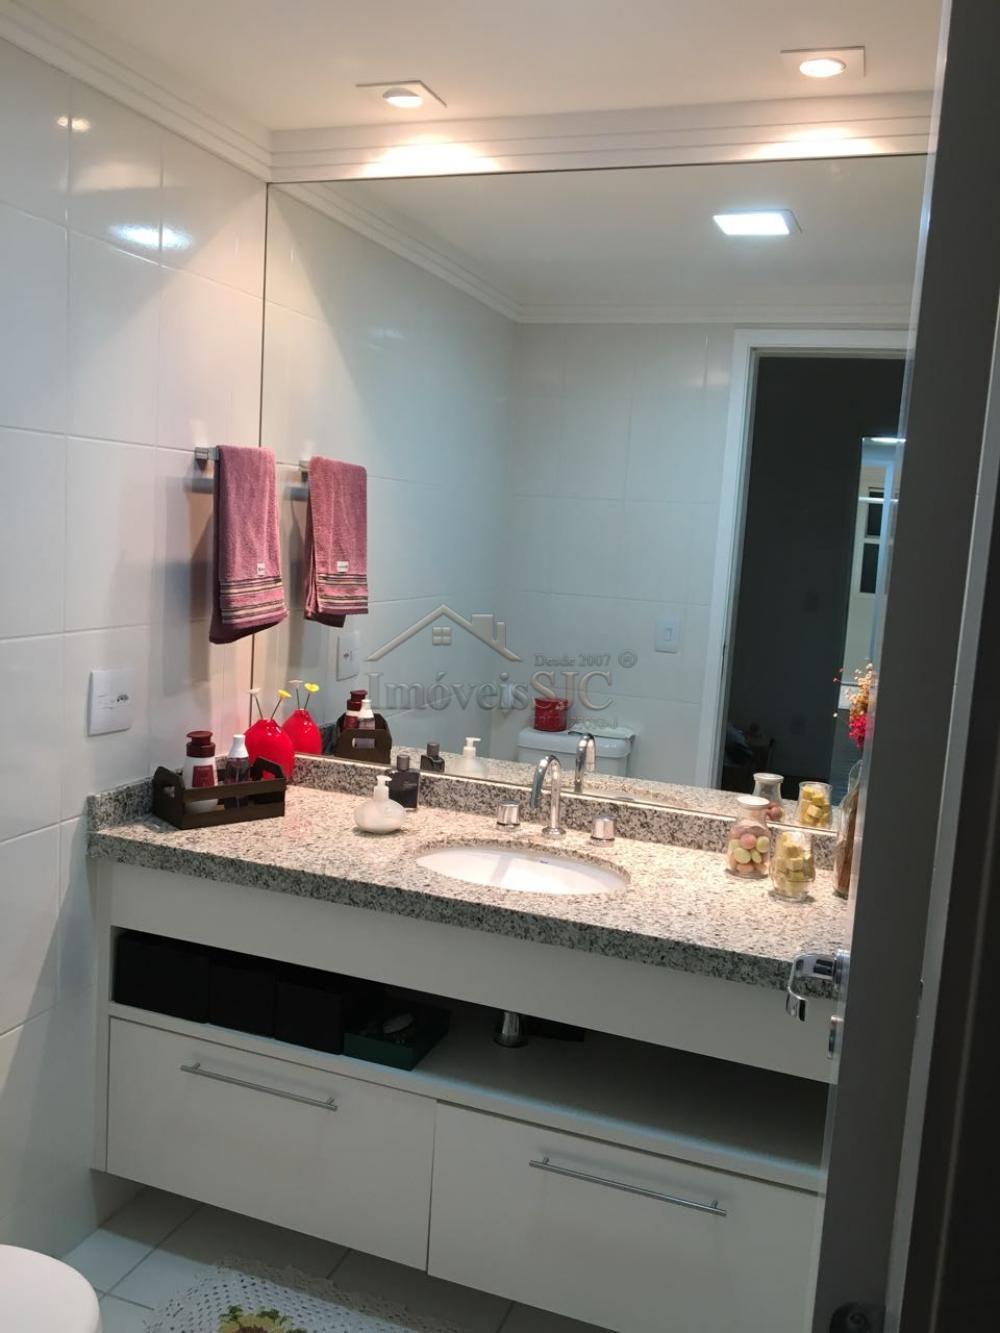 Comprar Apartamentos / Padrão em São José dos Campos apenas R$ 895.000,00 - Foto 10